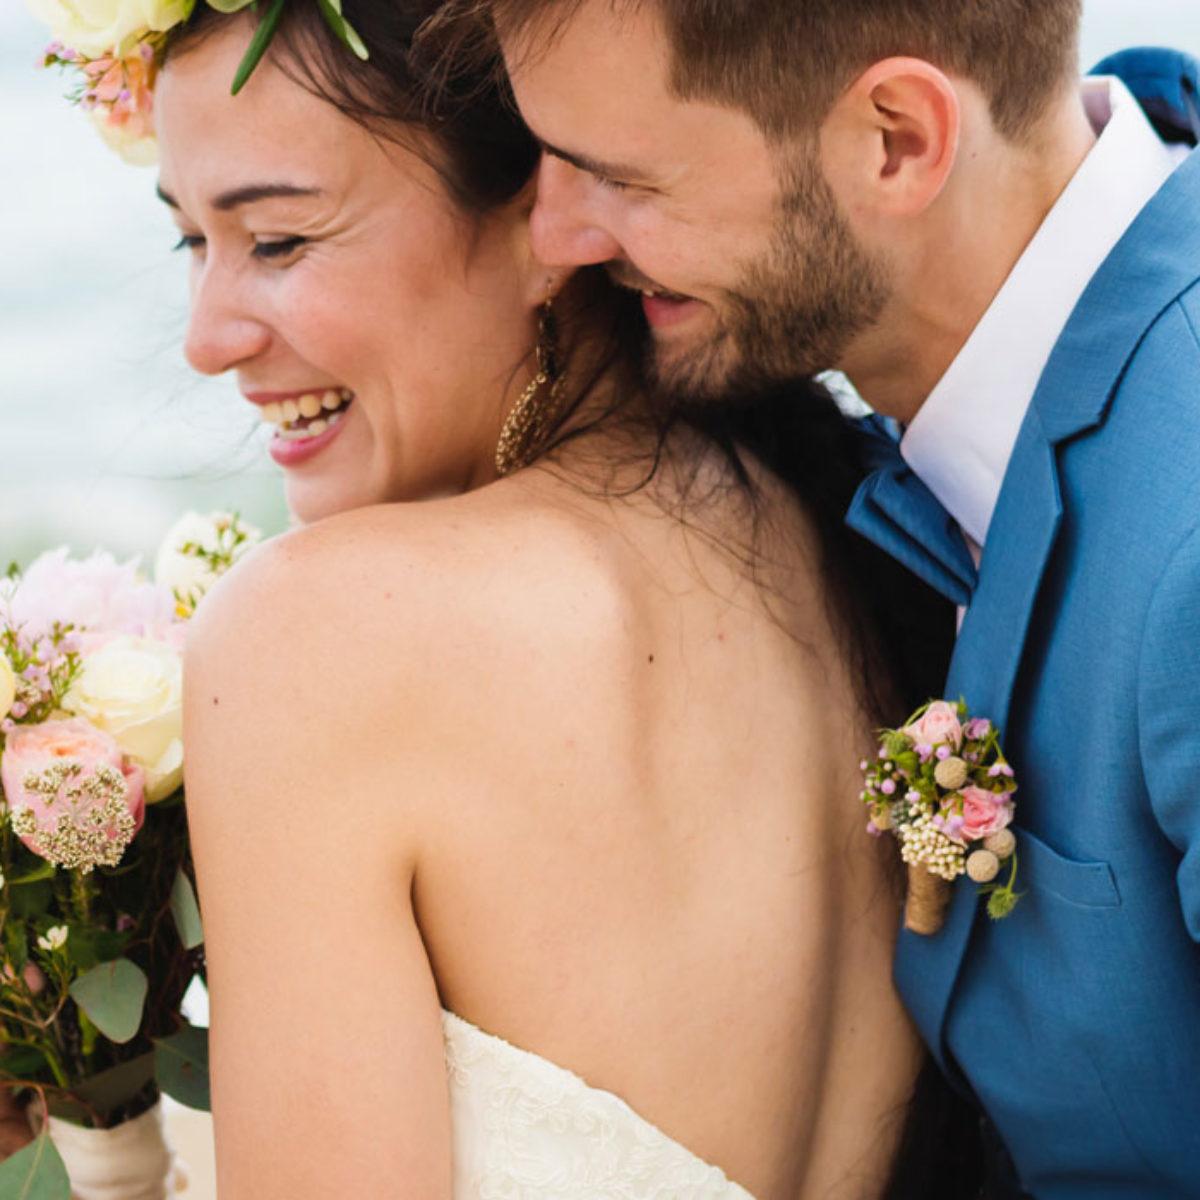 Frasi Di Anniversario Di Matrimonio Ad Amici.Auguri Per L Anniversario Di Matrimonio Di Amici E Parenti Le 45